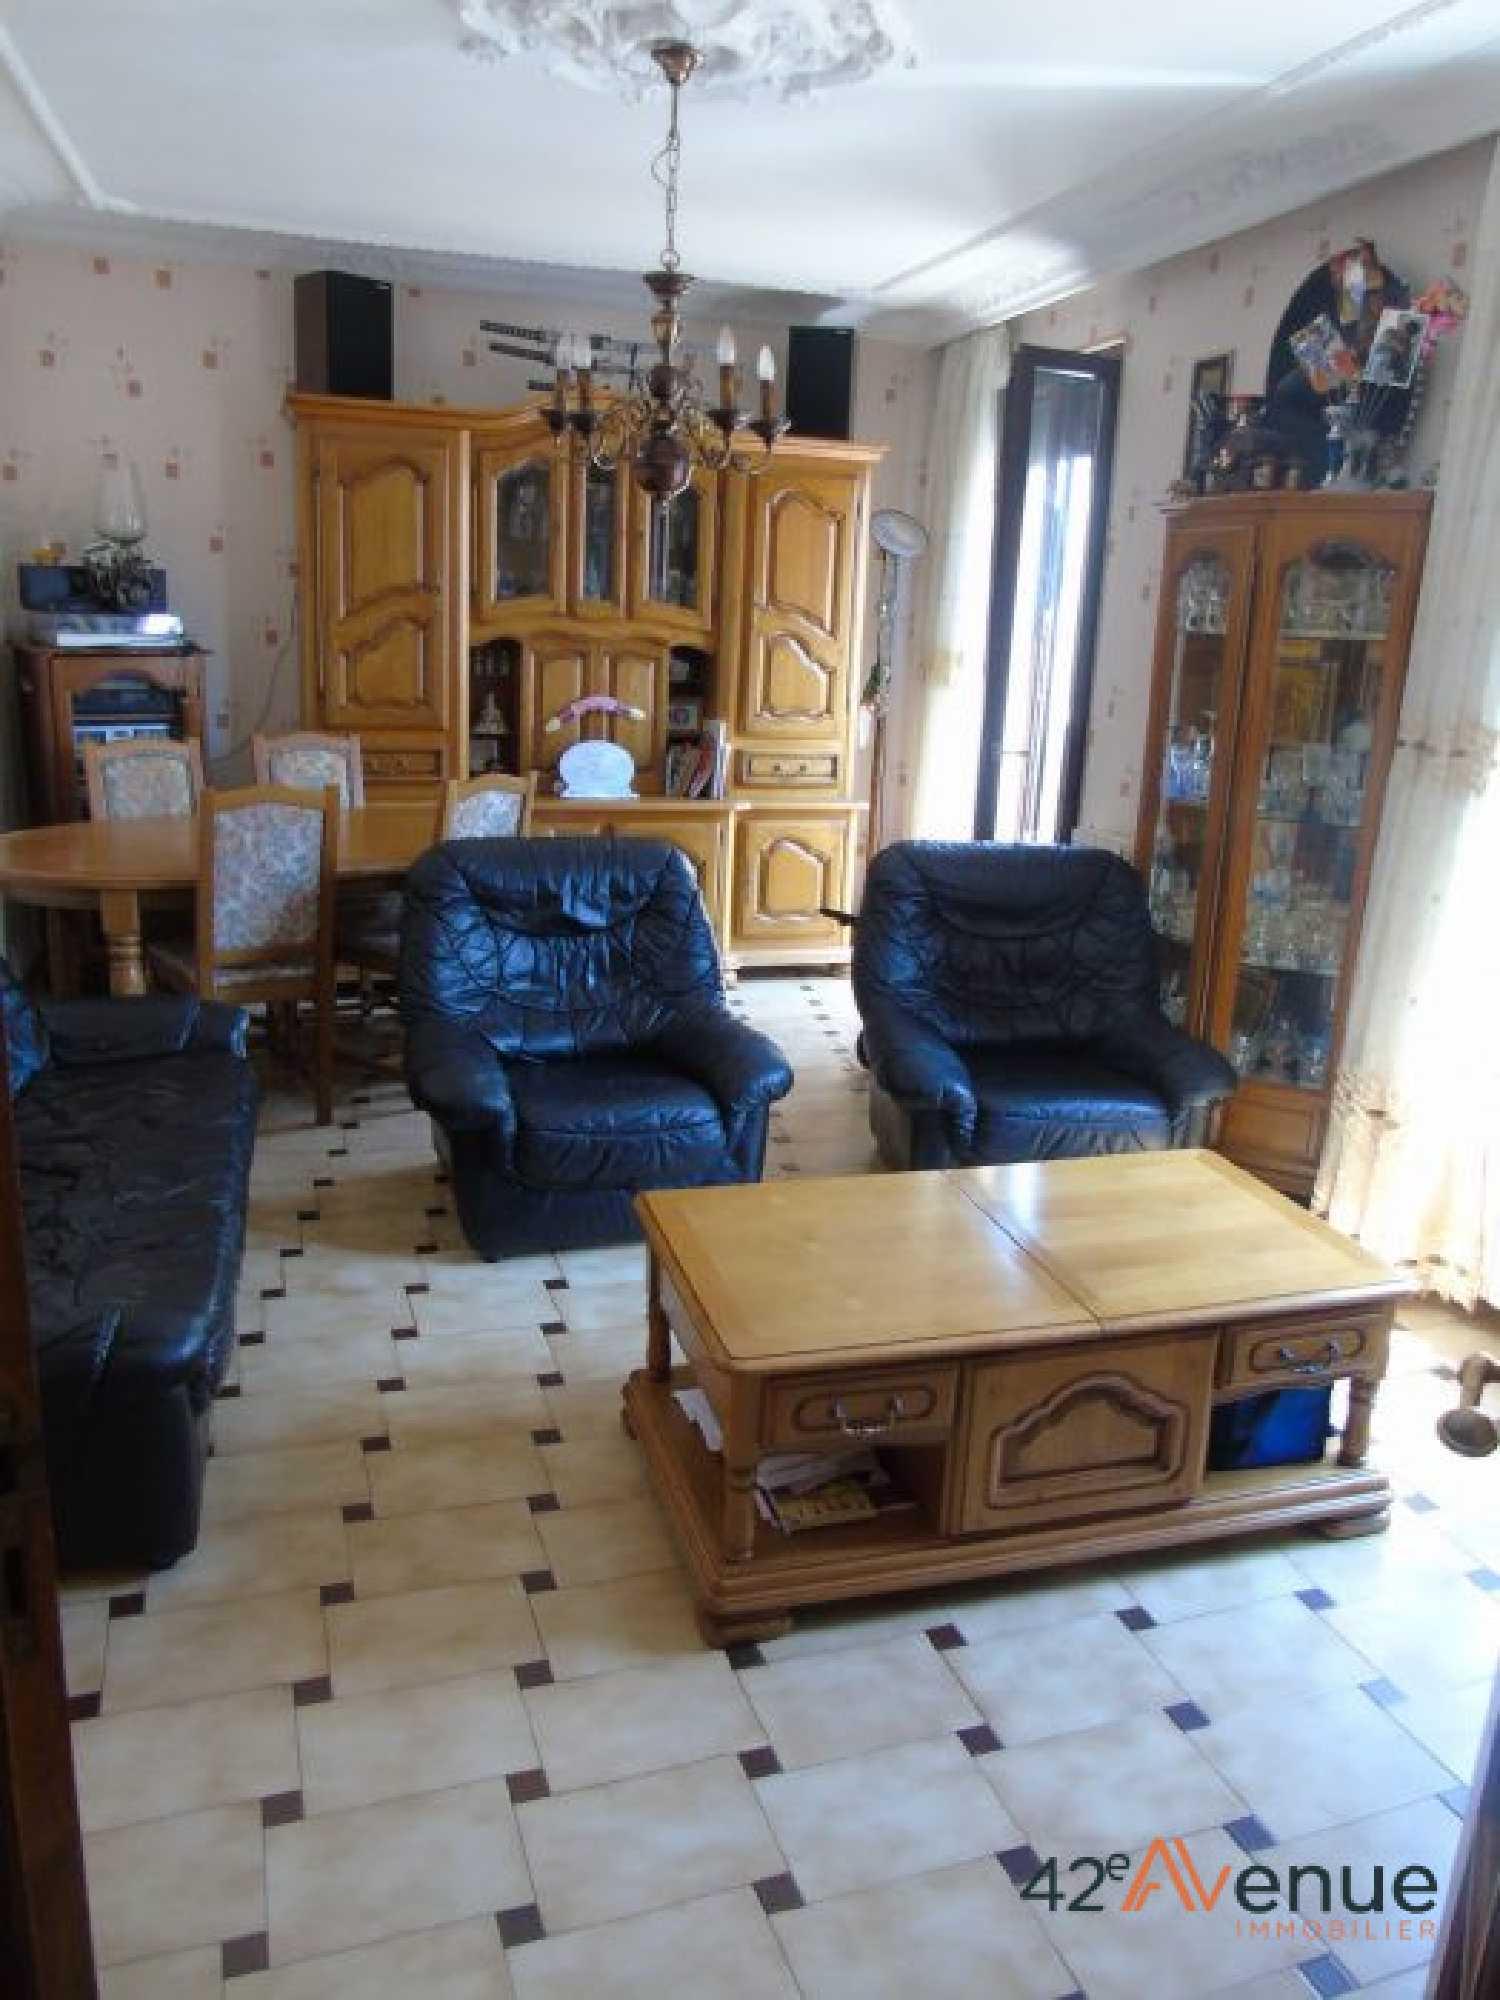 Saint-Étienne Loire Apartment Bild 4250092